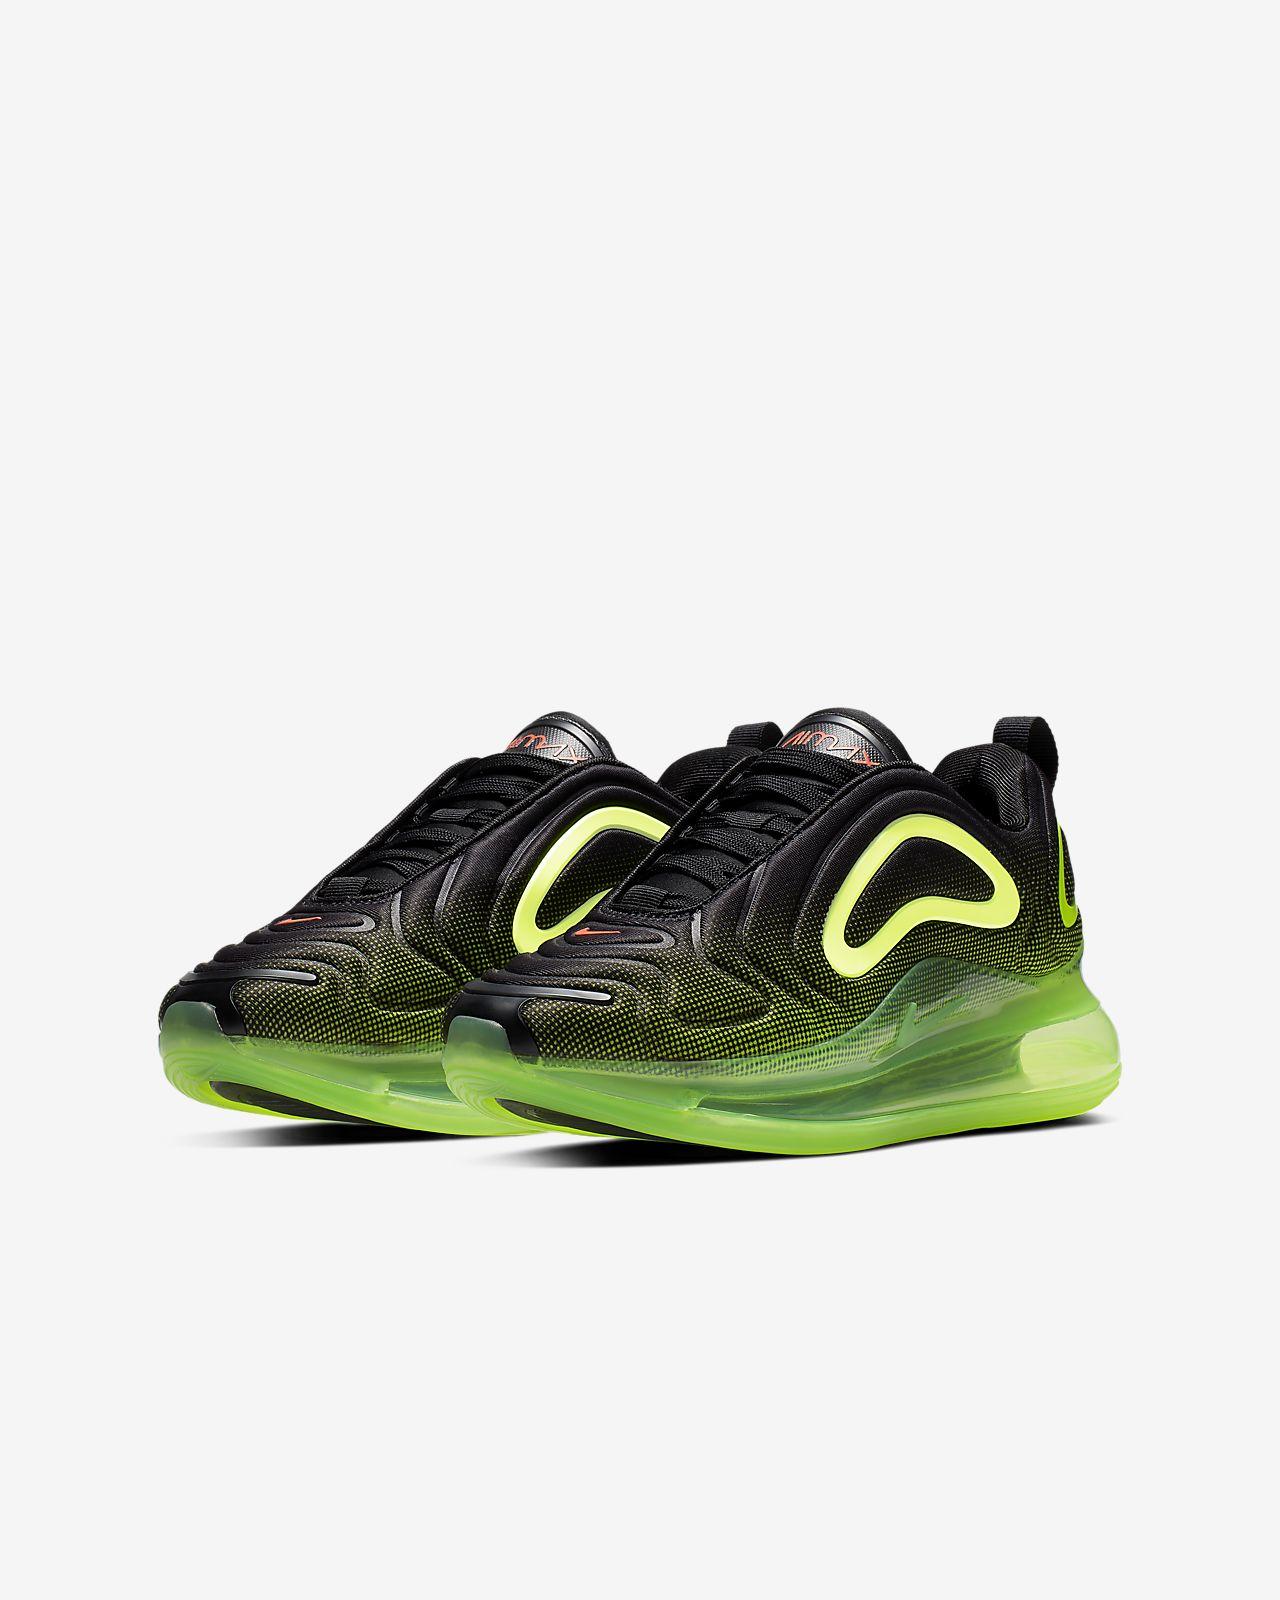 Chaussure Change Max Nike Air Jeune Game Pour Âgé Plus Enfantenfant 720 n0OXZN8wPk